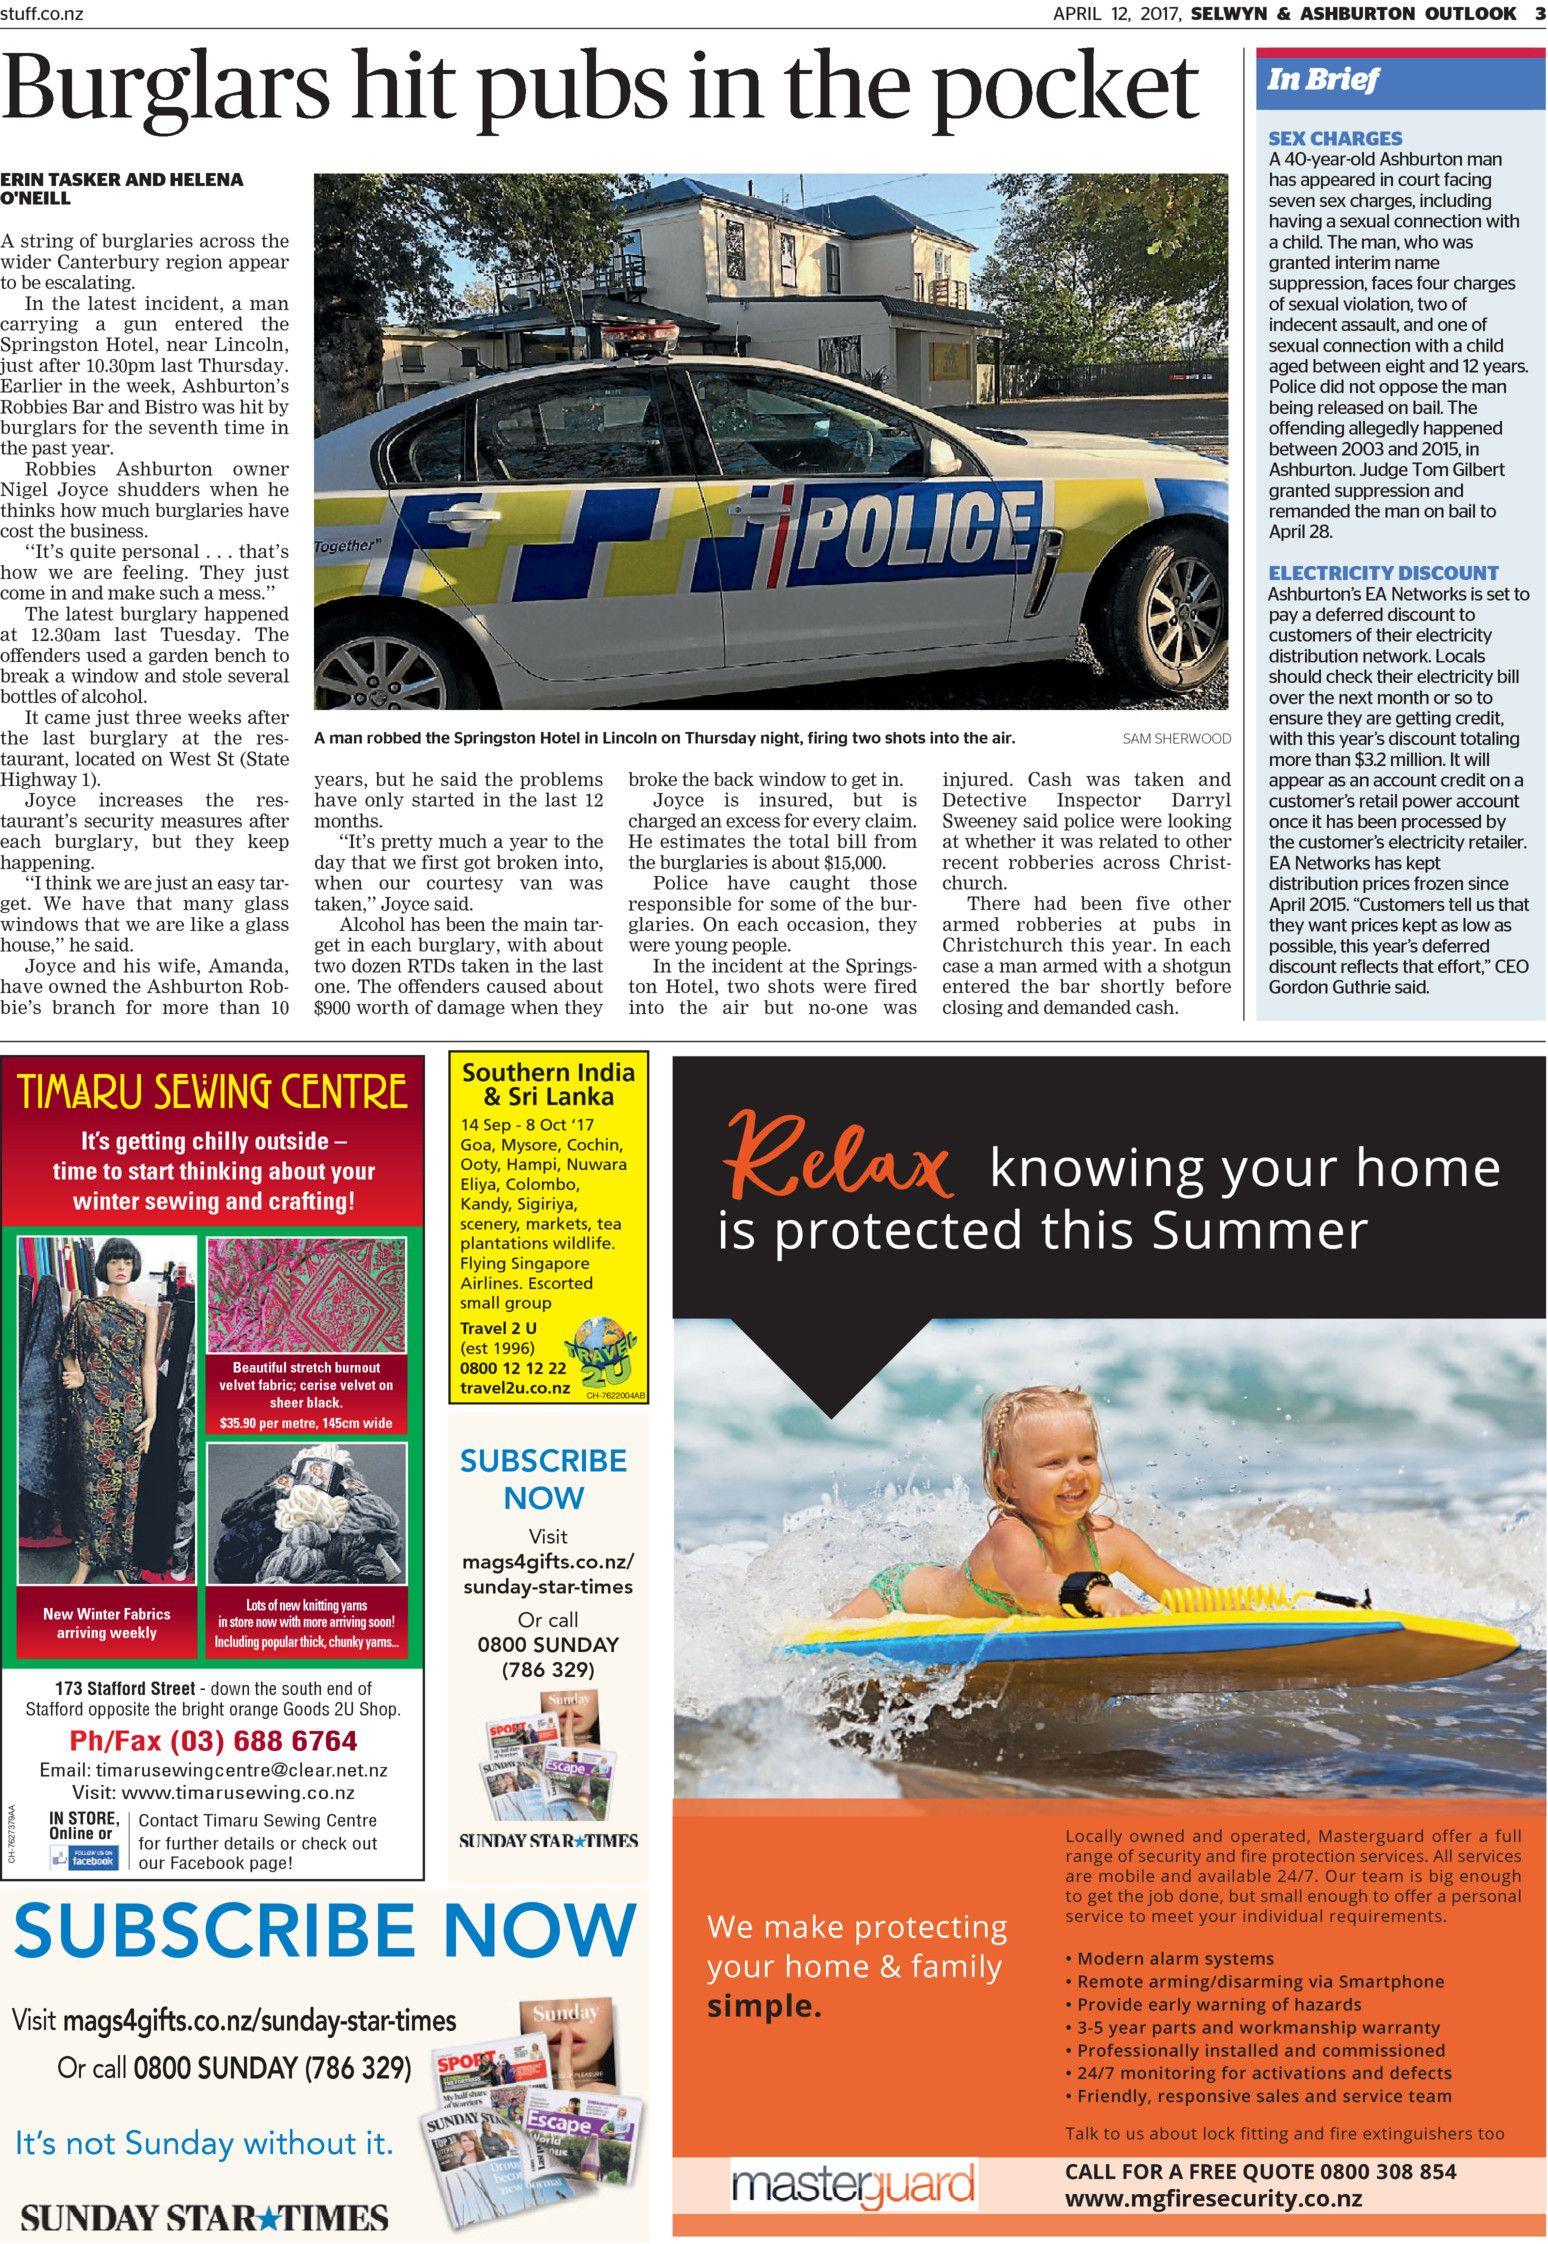 Selwyn & Ashburton Outlook - Read online on Neighbourly